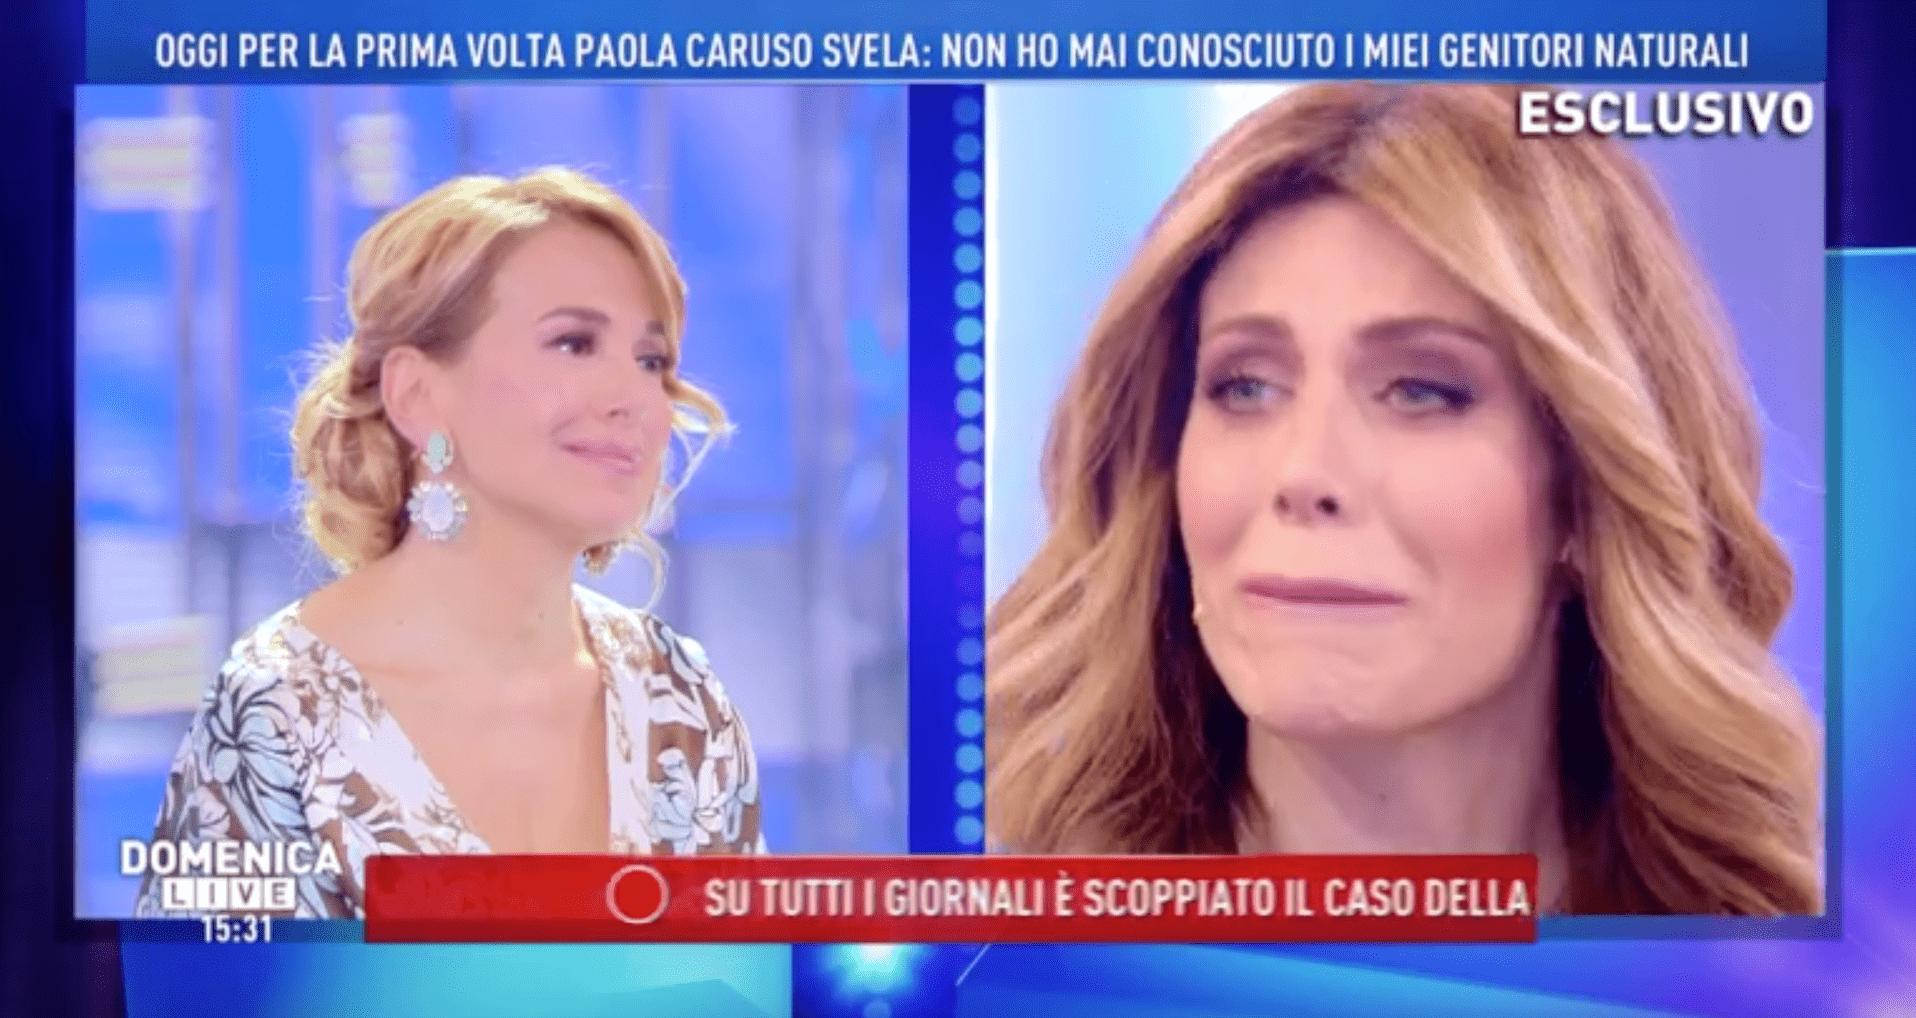 paola caruso rivelazione choc domenica live adottata